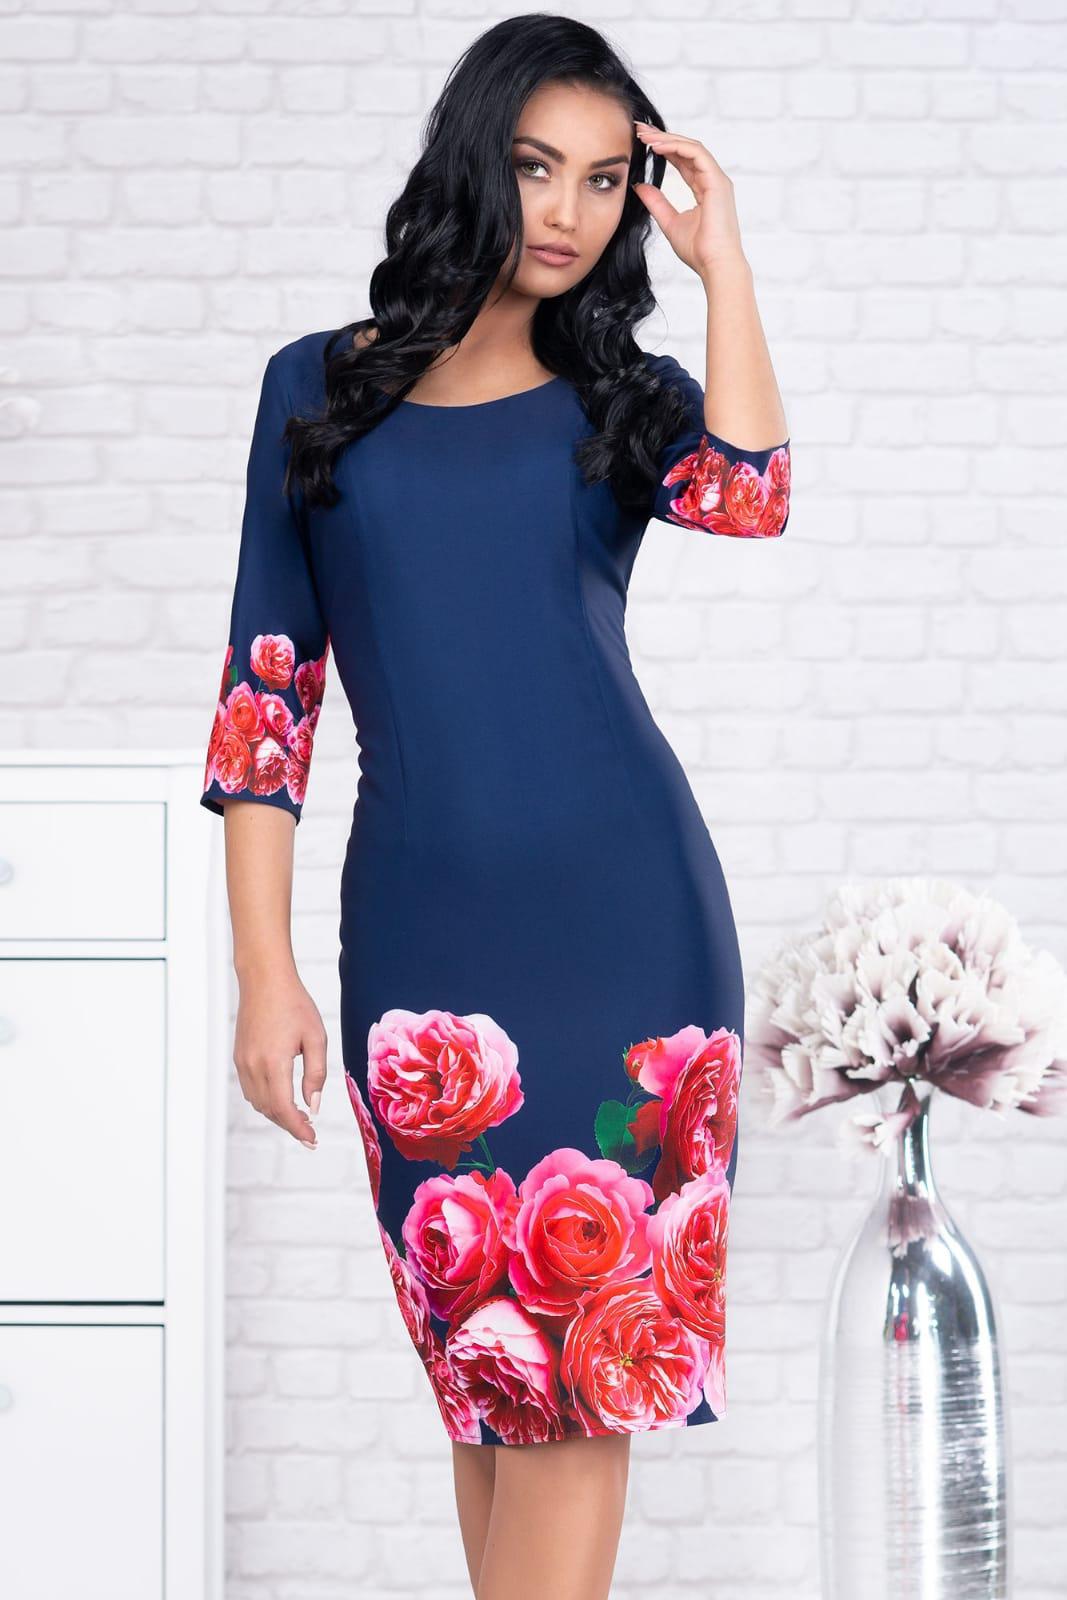 Rochie albastru-inchis office midi tip creion din stofa cu maneci trei-sferturi si imprimeuri florale